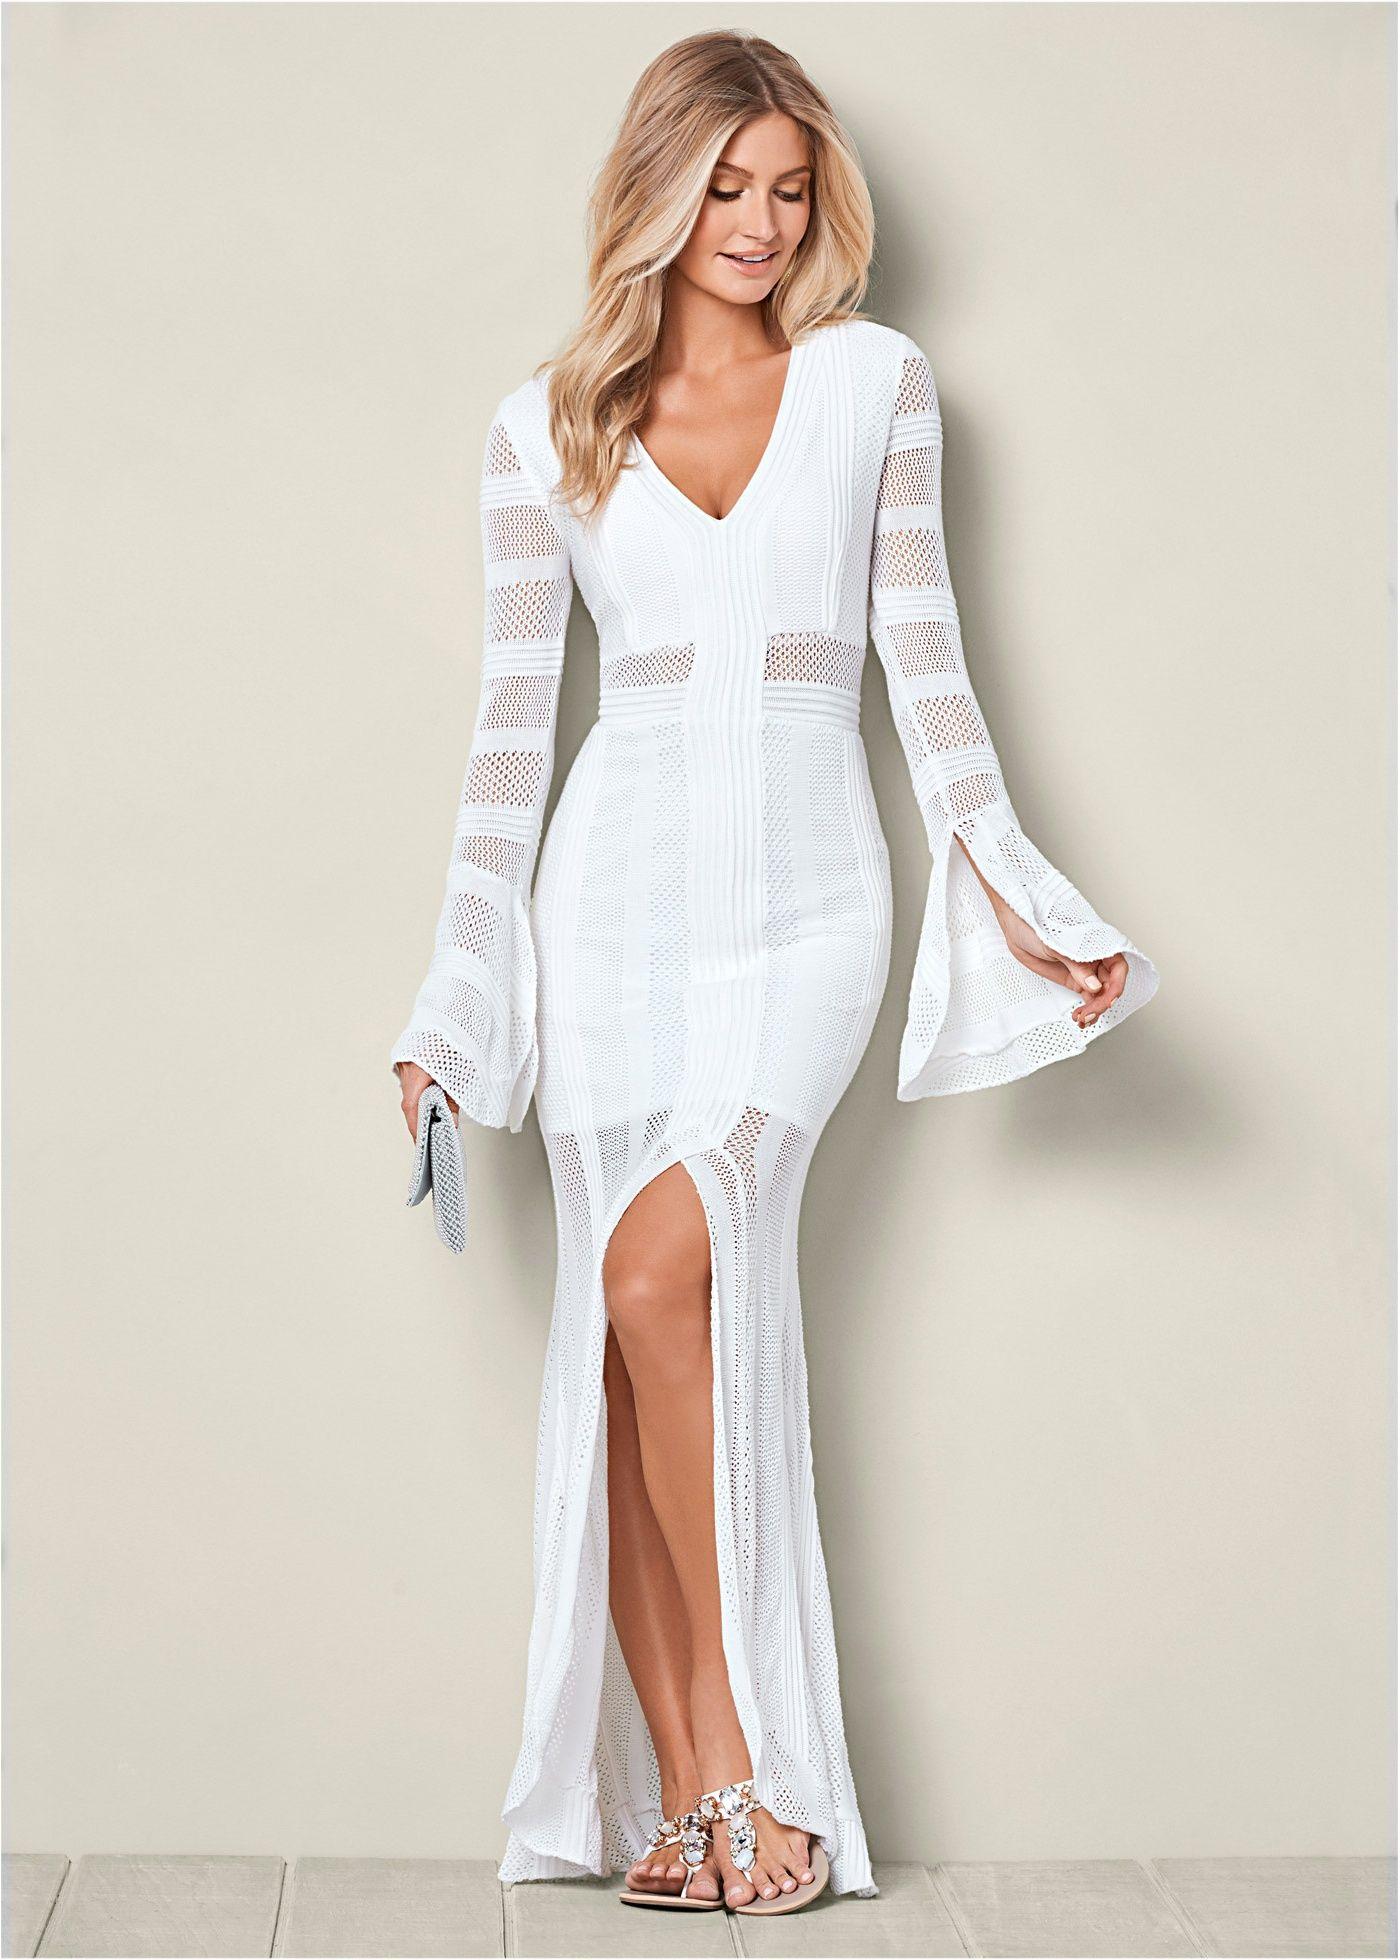 sommerliches spitzenkleid weiß - bodyflirt boutique jetzt im